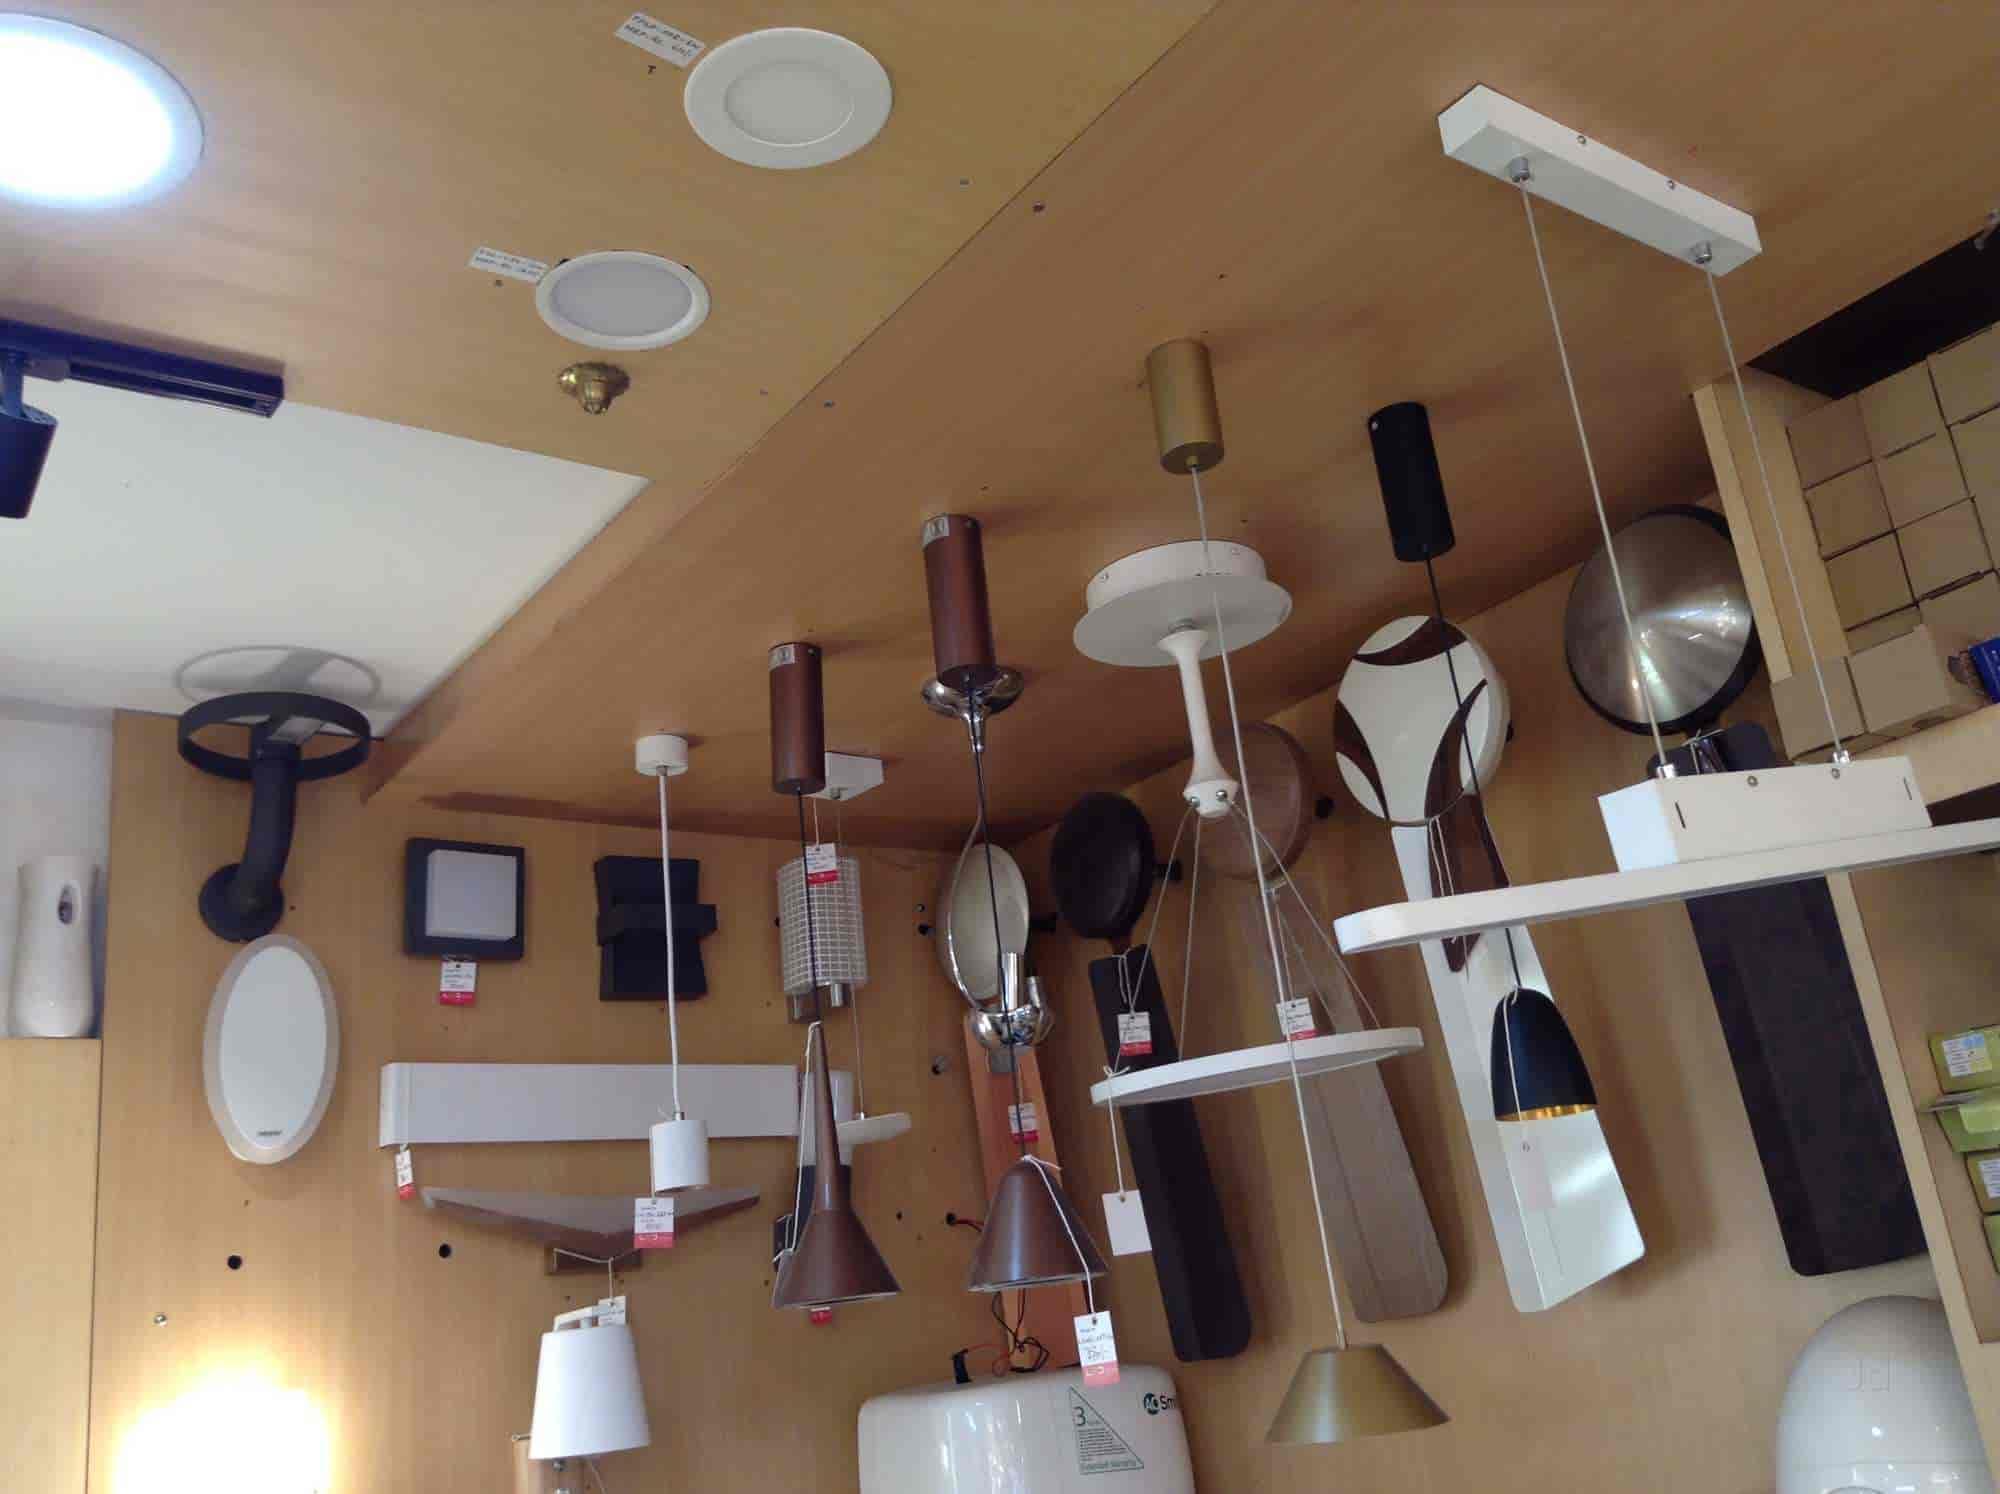 Led lighting designs Architectural Led Zone Led Lighting Designs Photos Bejai Mangalore Led Light Dealers Wholesale Alibaba Led Zone Led Lighting Designs Photos Bejai Mangalore Pictures